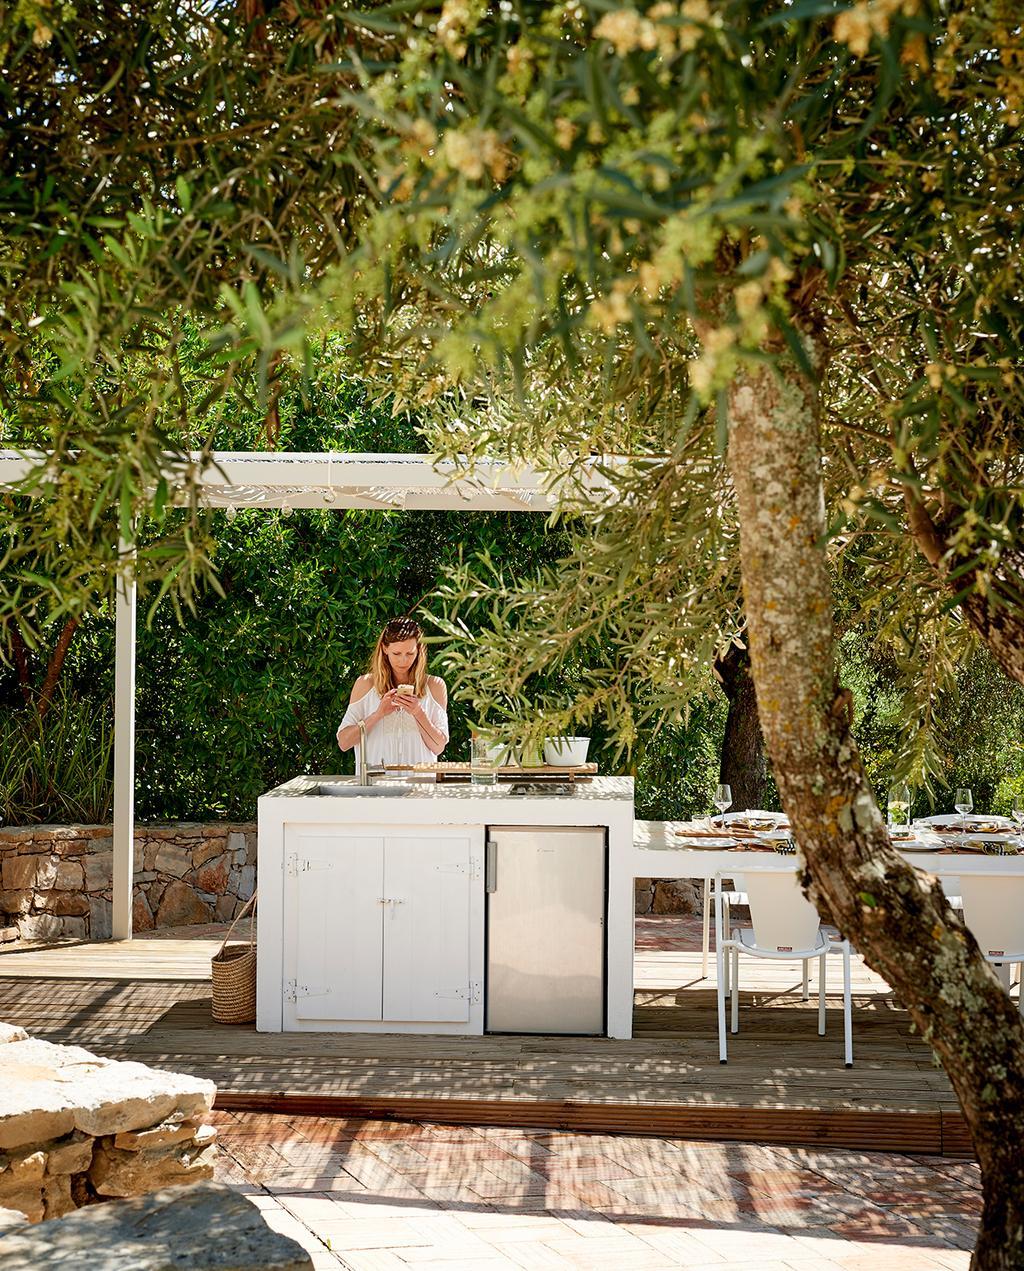 vtwonen tuin special 2 2020 | witte buitenkeuken met grome details